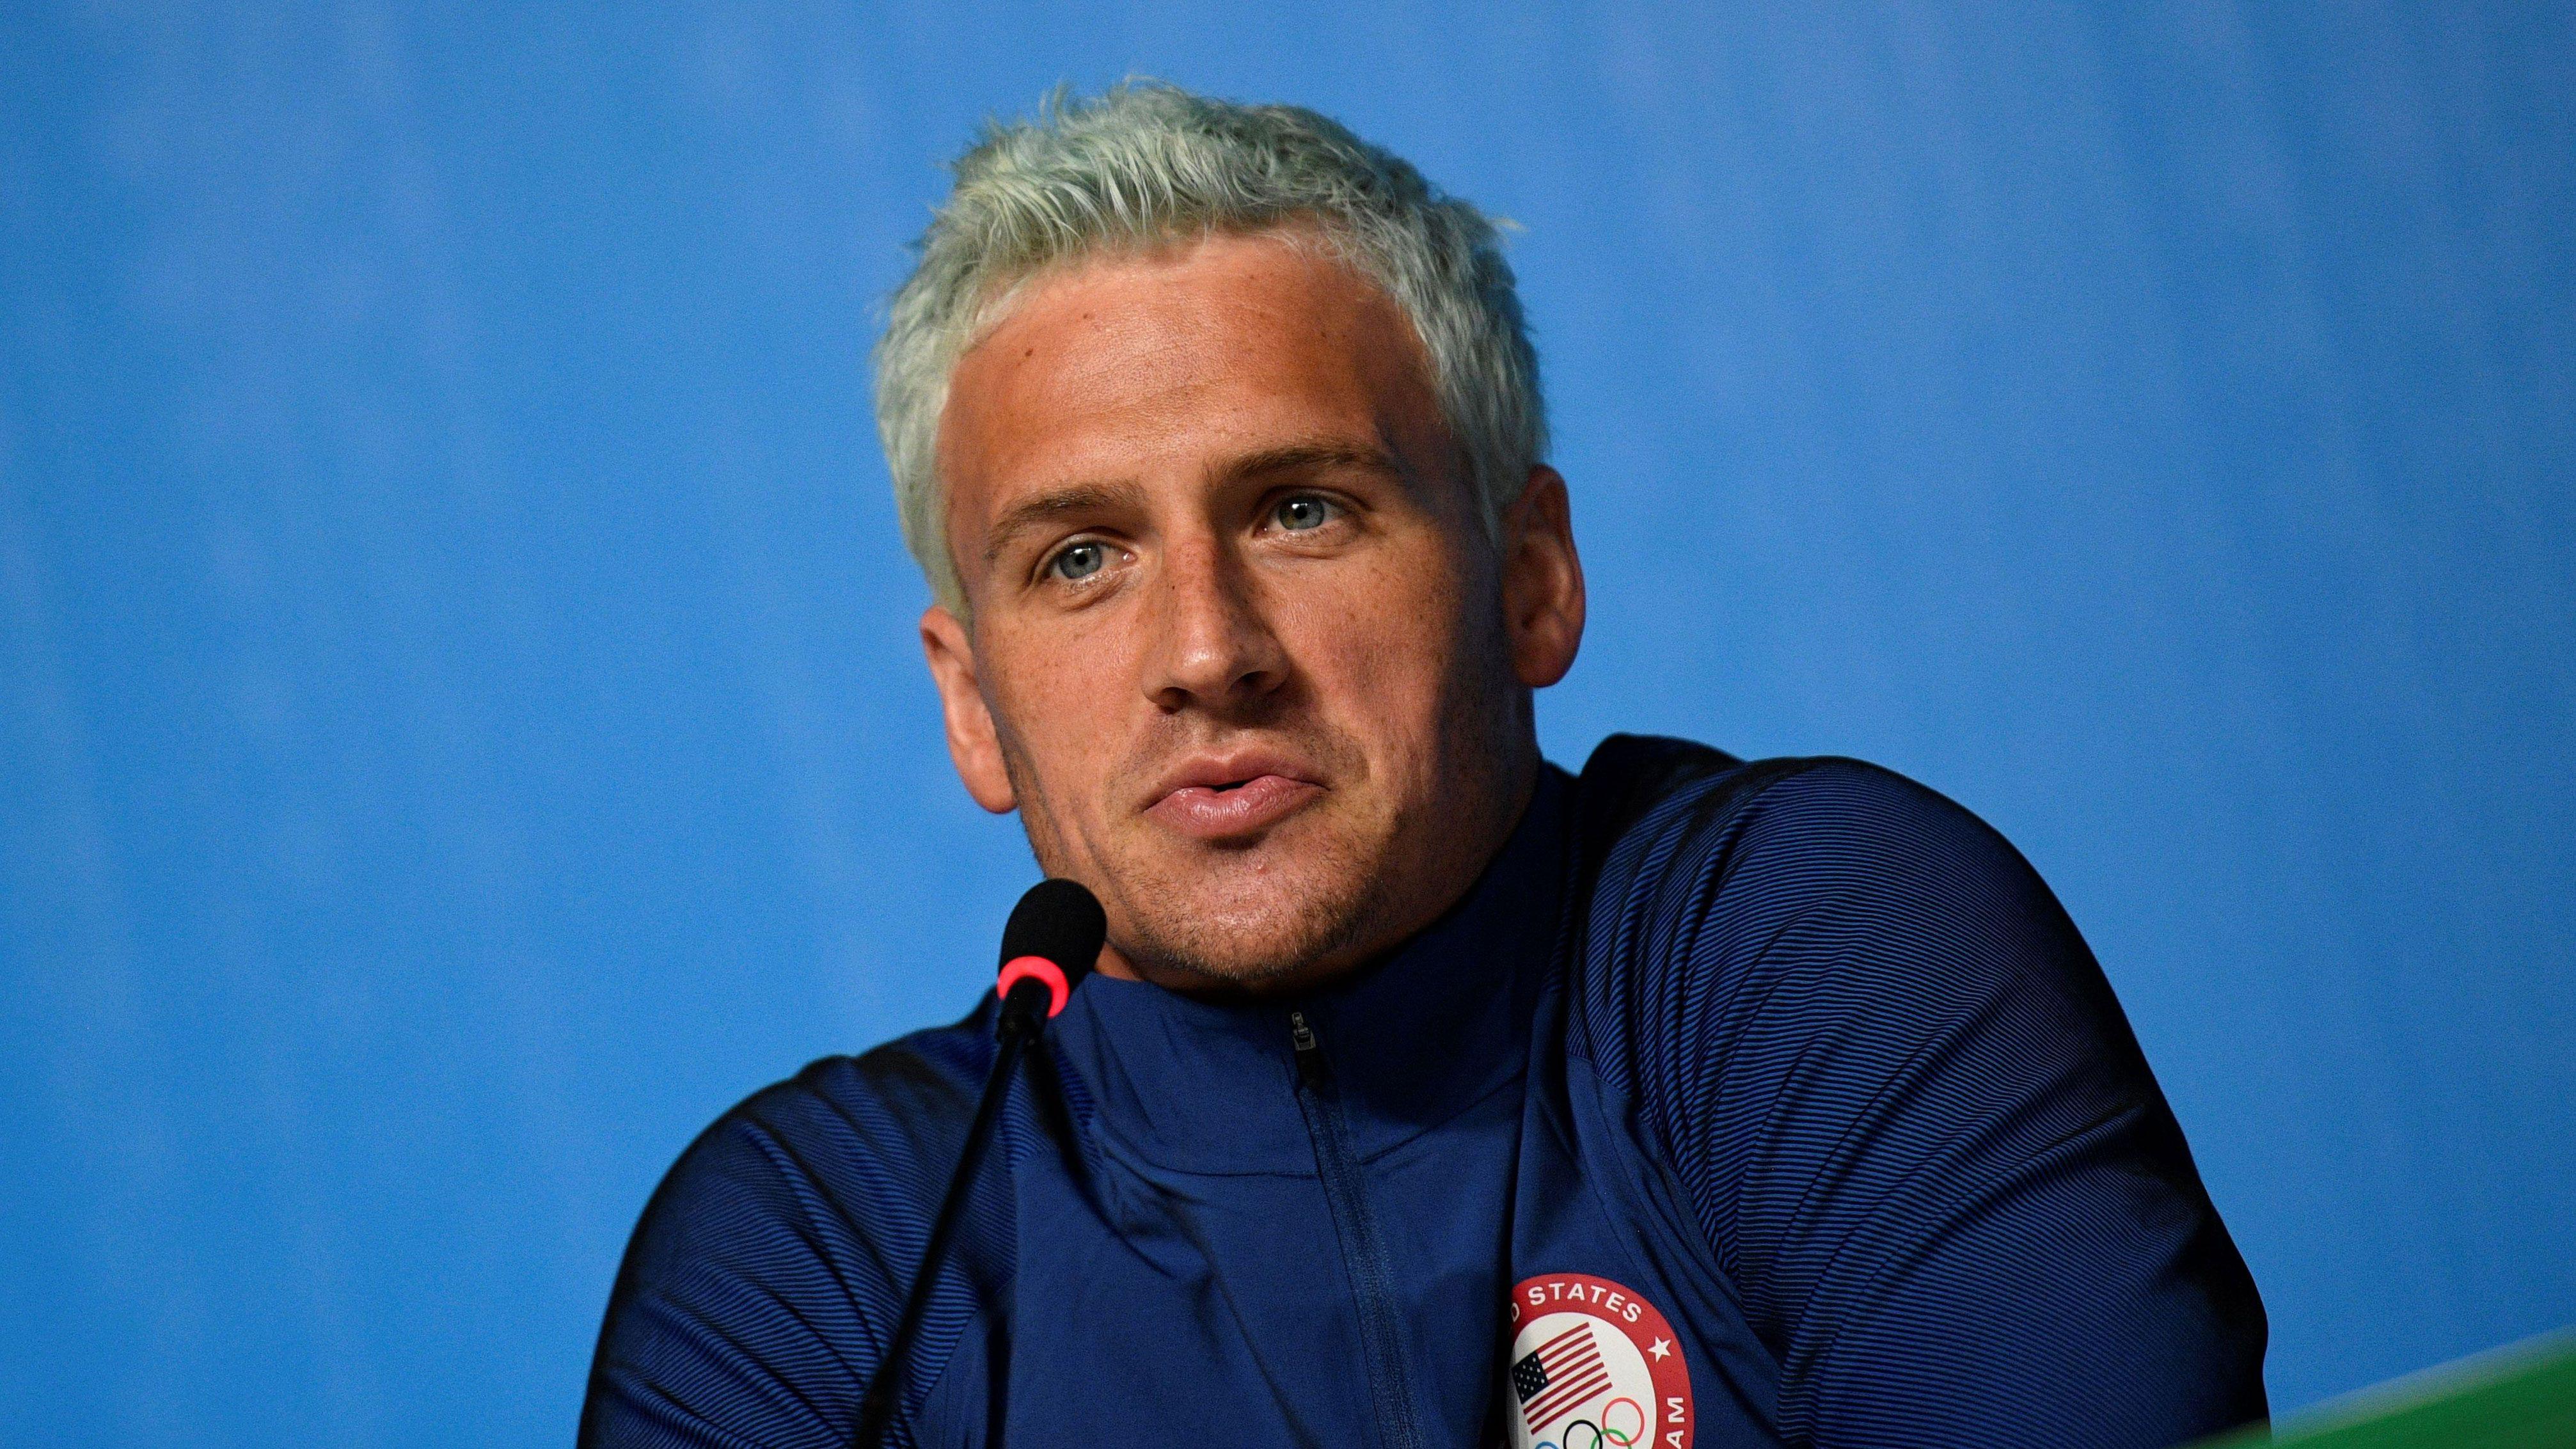 El nadador Lochte suspendido 10 meses por falso testimonio en Rio 2016